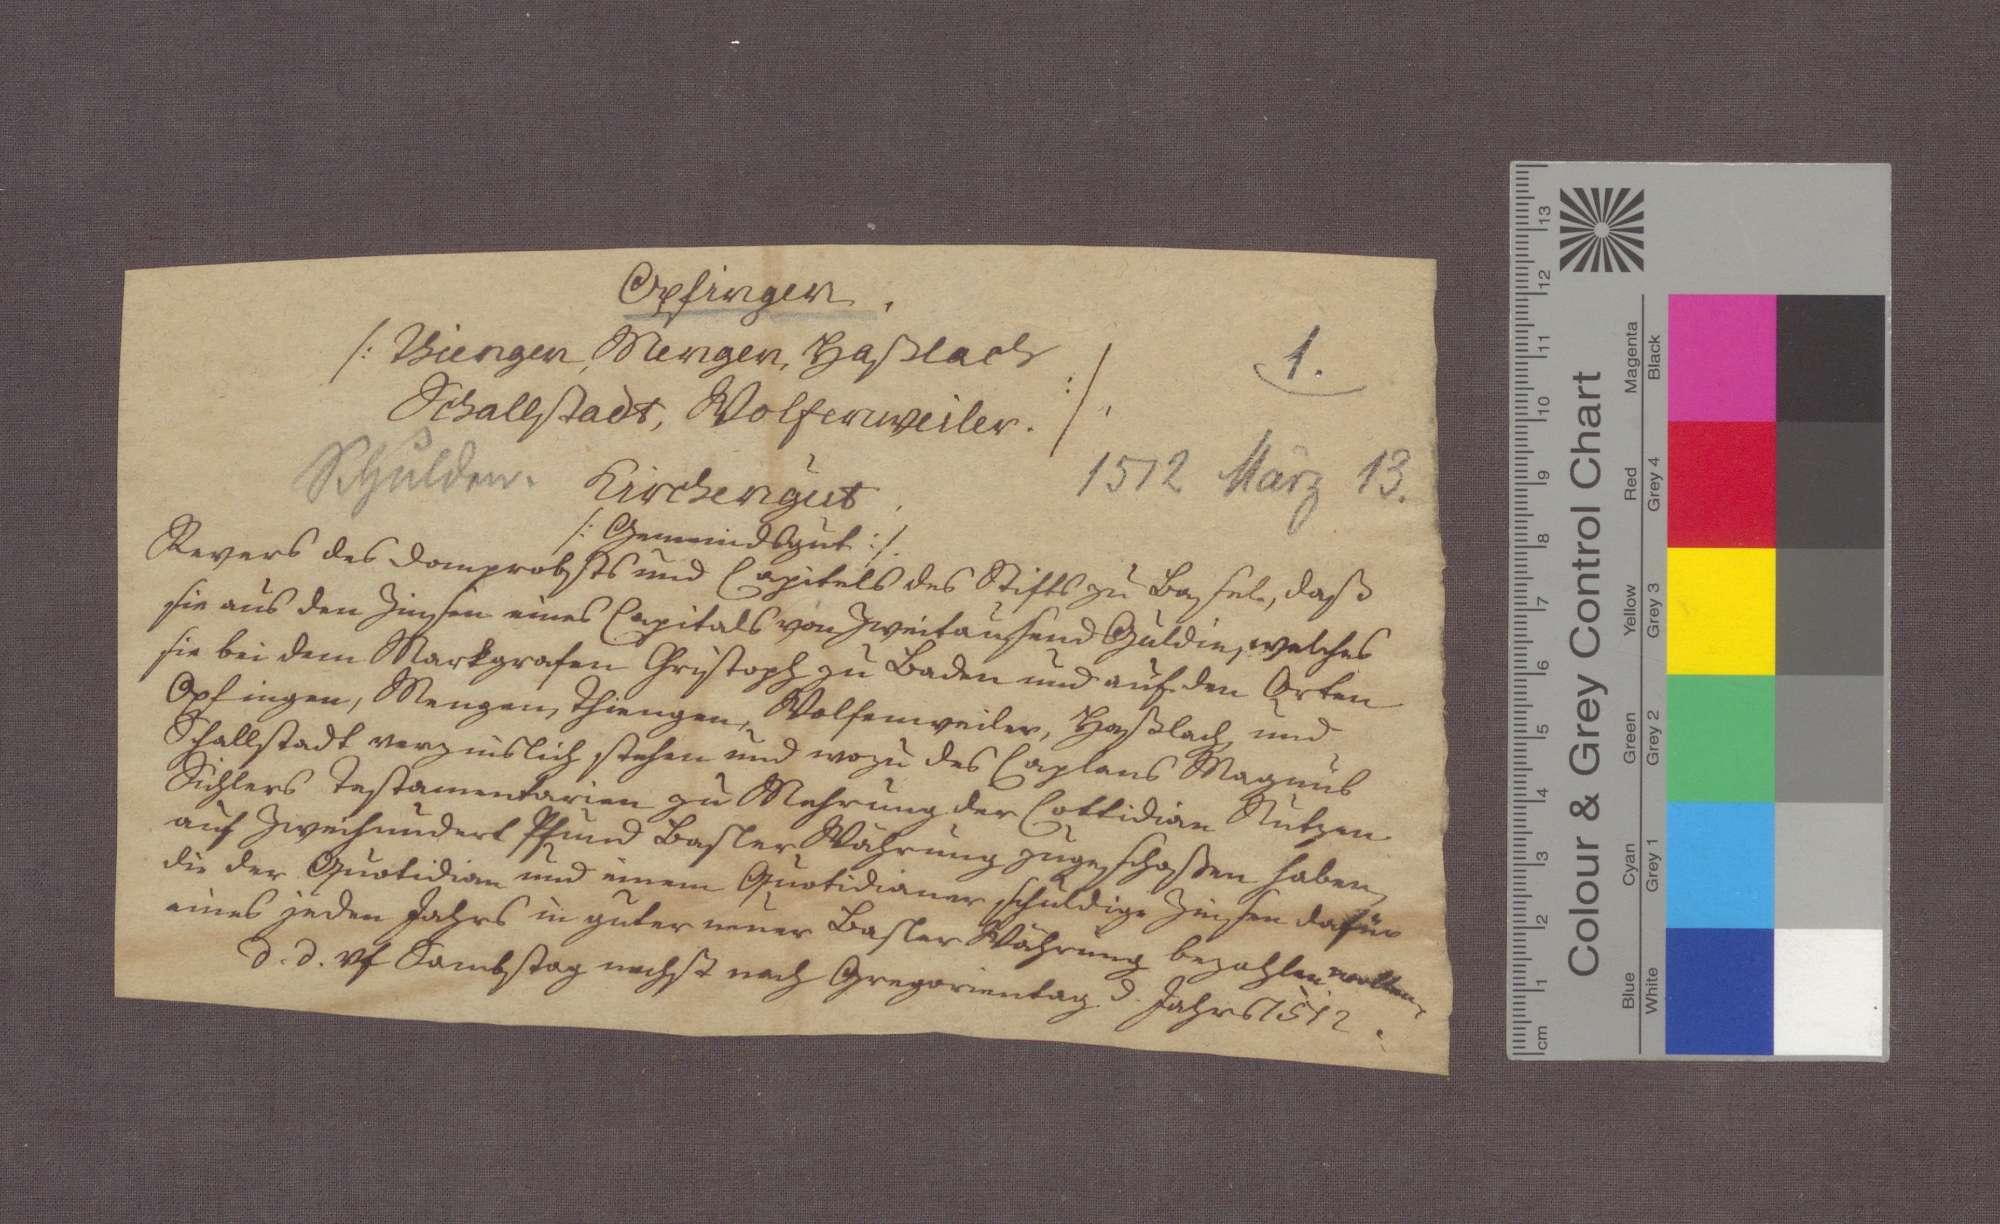 Abschrift der drei Urkunden von 1512 März 13, über die Verzinsung eines Darlehens an Markgraf Christoph von Baden beziehungsweise an die 6 Gemeinden Opfingen, Tiengen, Mengen, Wolfenweiler, Haslach und Schallstadt., Bild 3